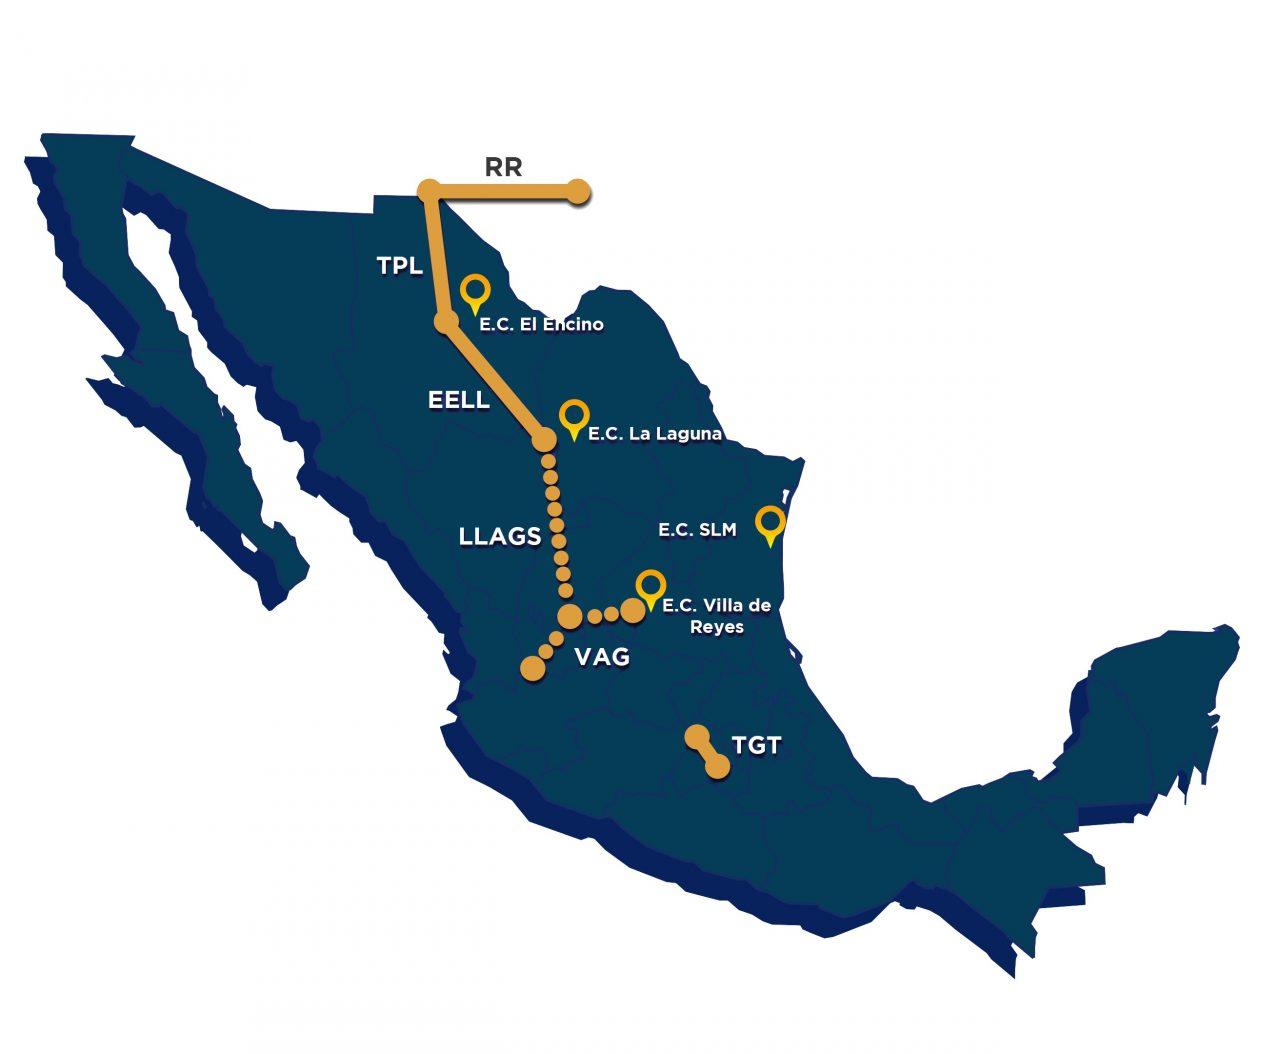 Fermaca inicia operación de gasoducto tras disputa con CFE